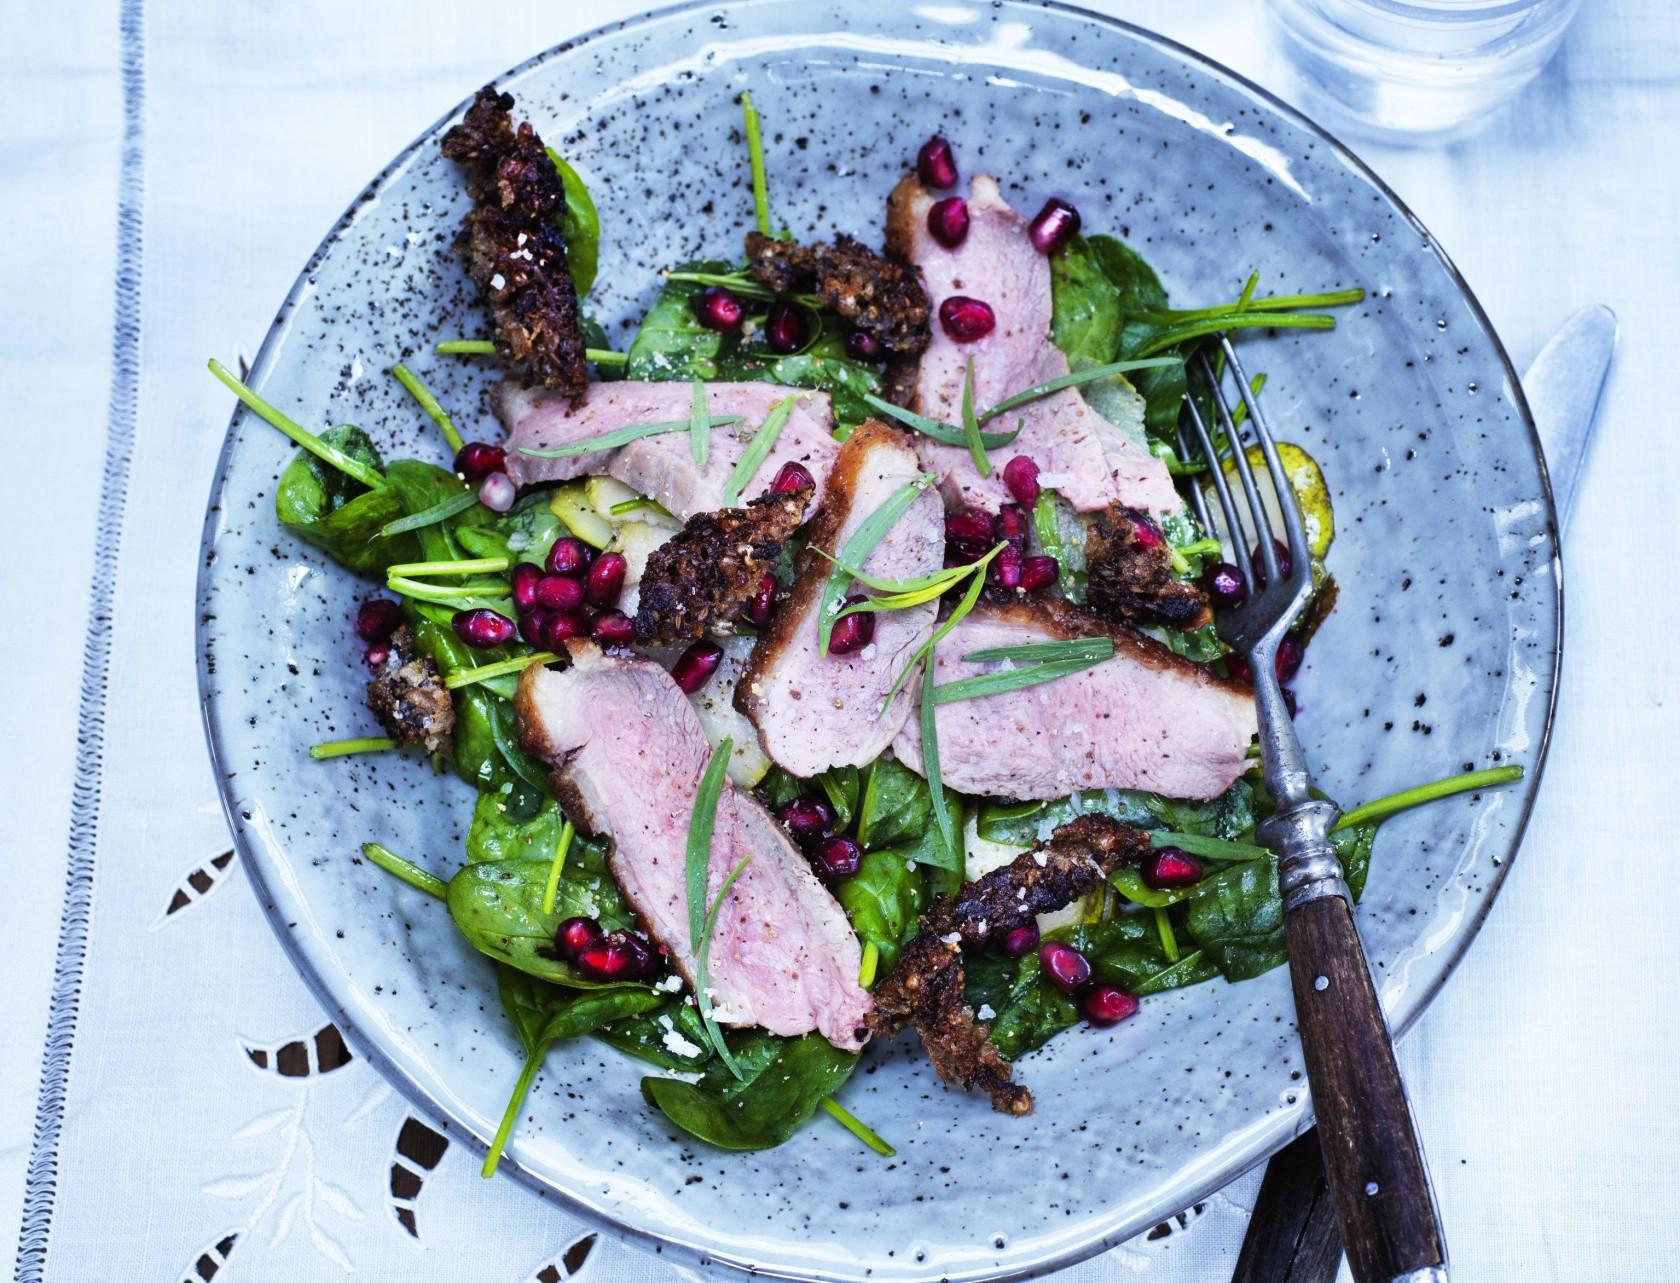 Andesalat med spinat og granatæble - god opskrift på måltidssalat.